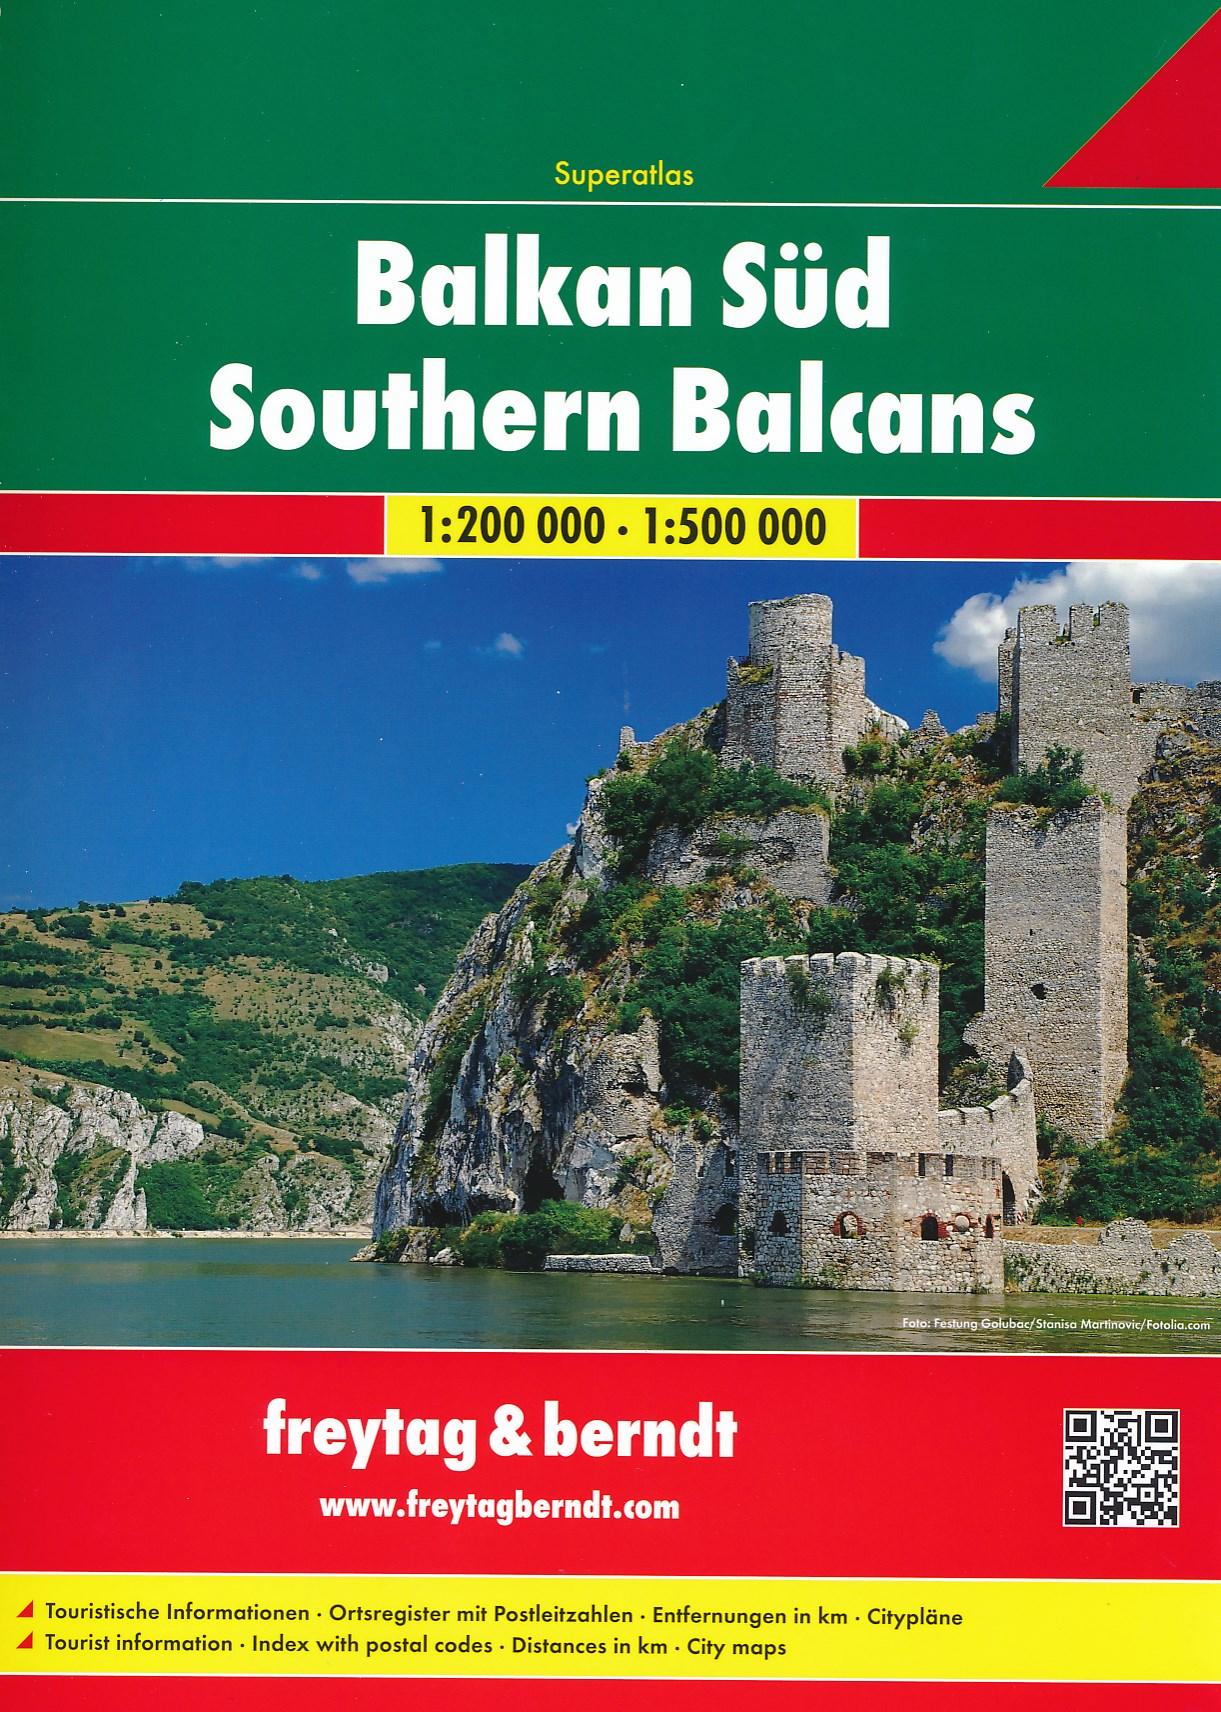 Wegenatlas Balkan Süd - Balkan Zuid Superatlas   Freytag & Berndt